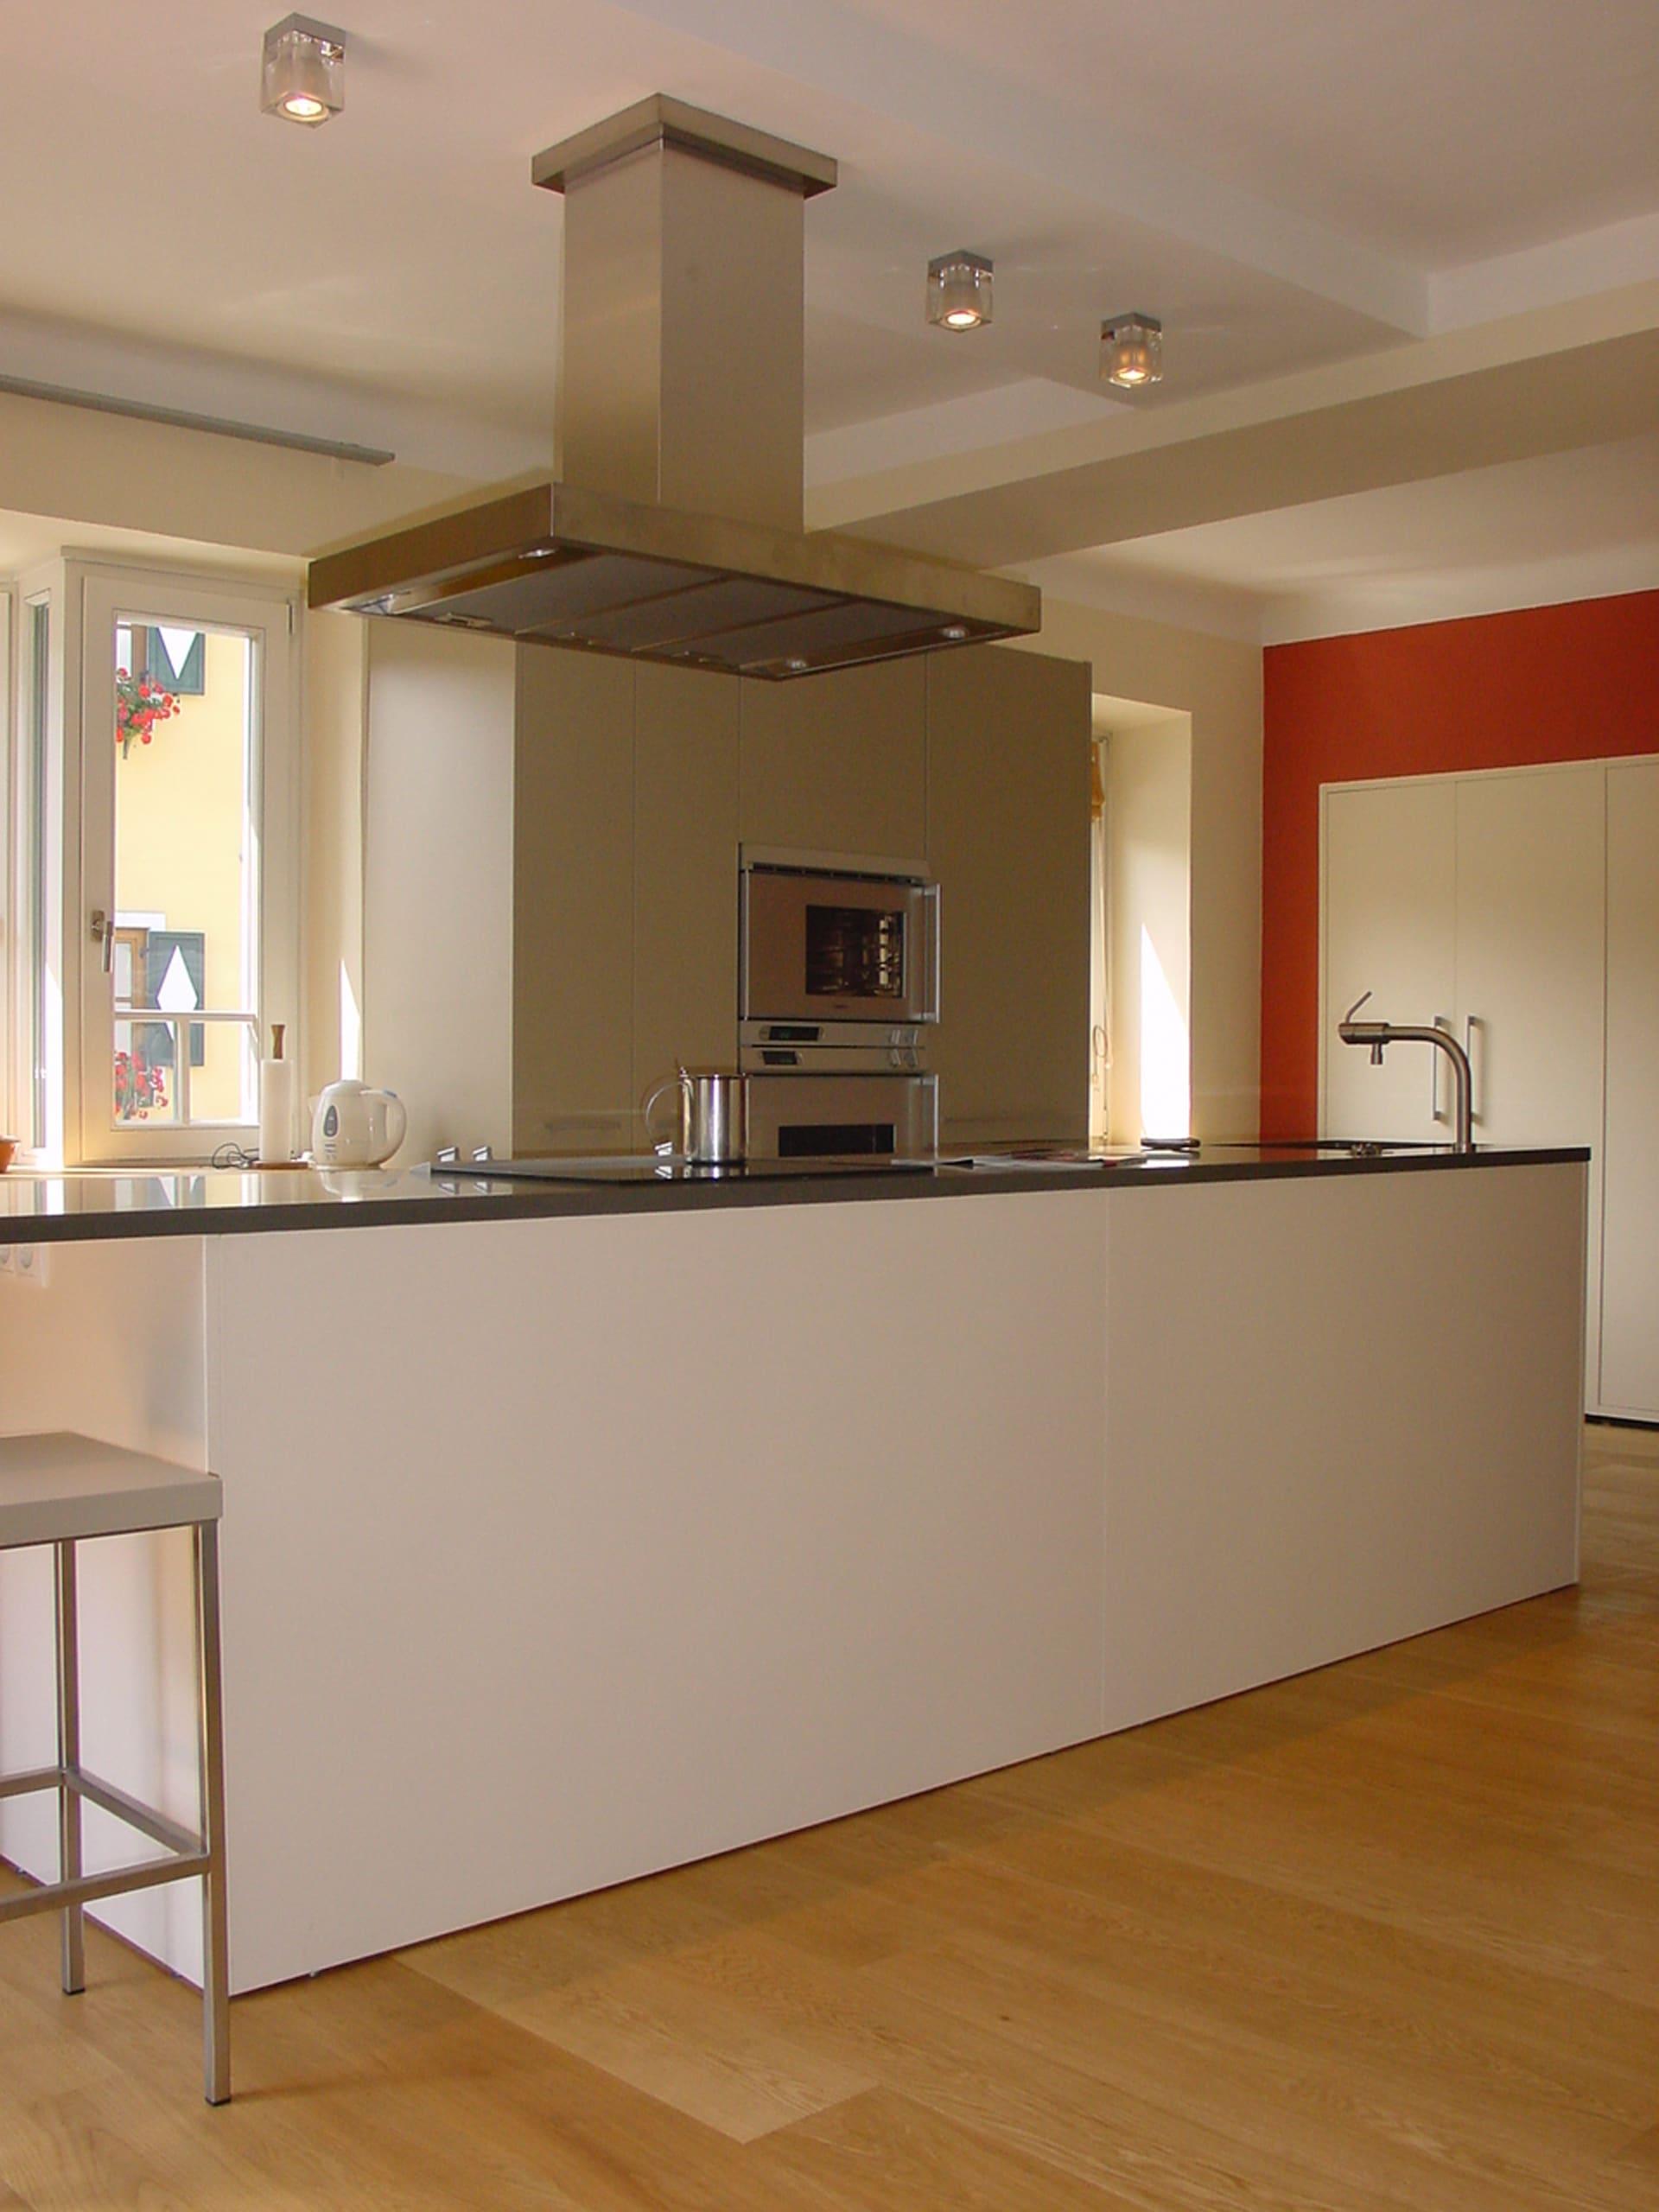 Erfreut Beste Professioneller Küchenschrank Design Software ...